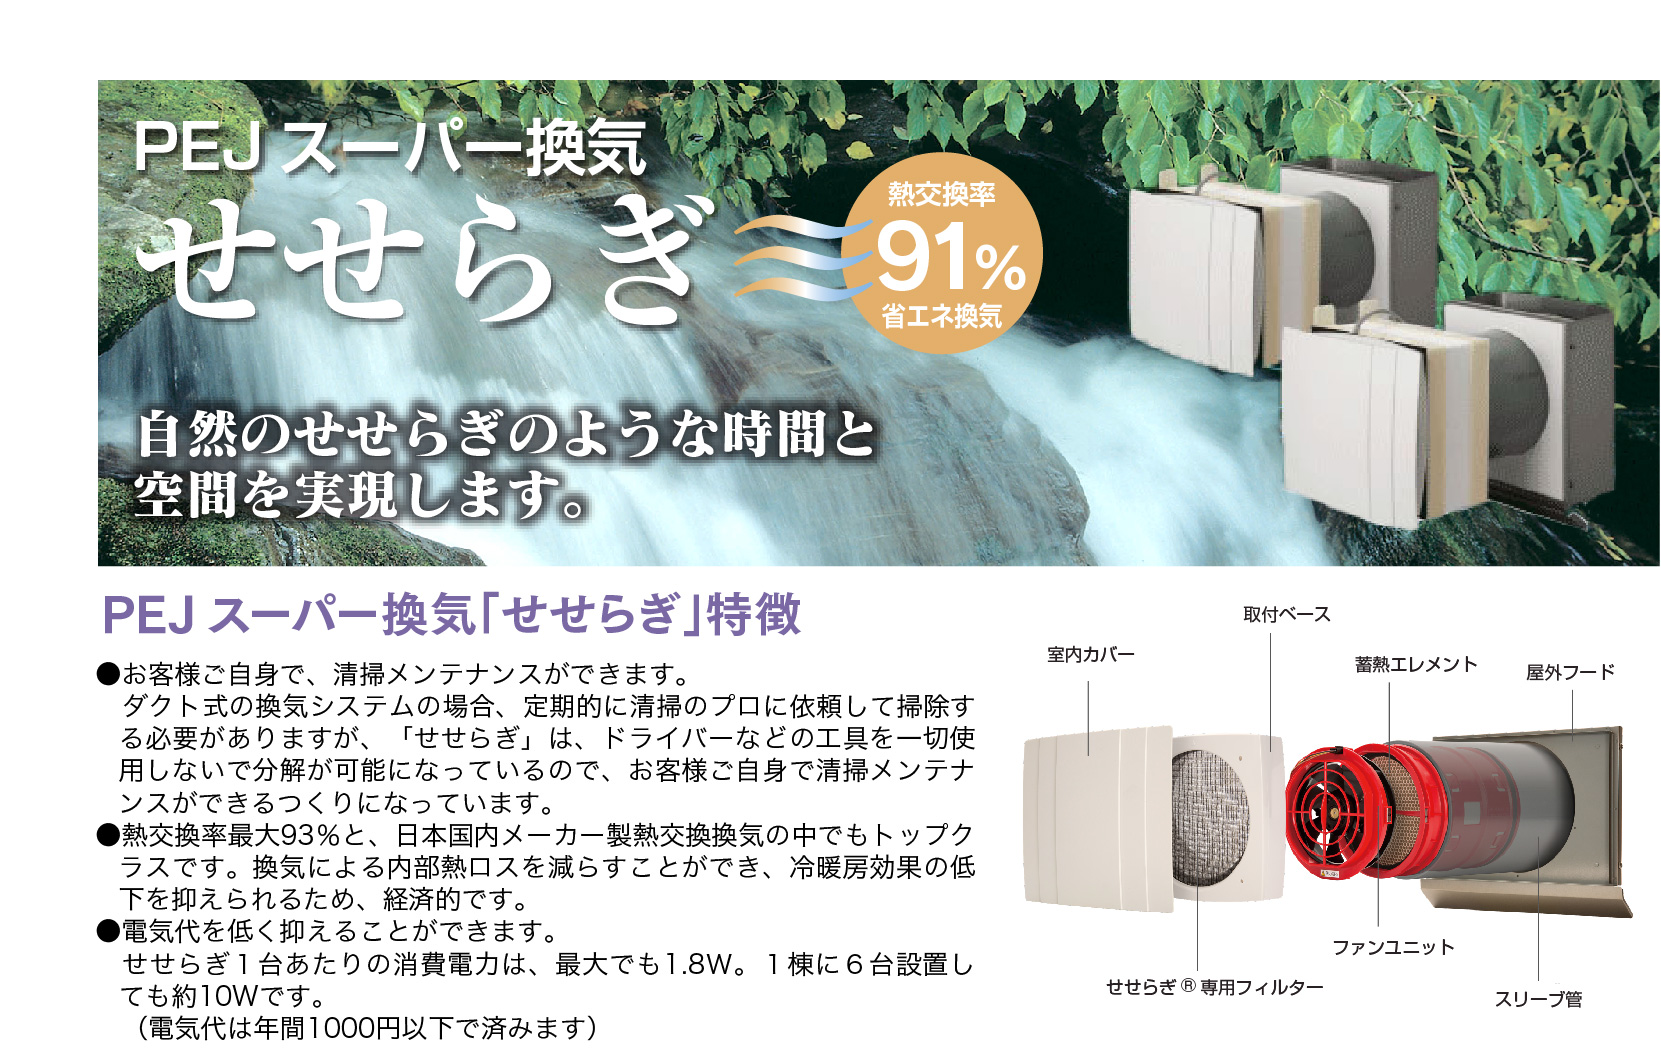 ダクトレス熱交換換気システム